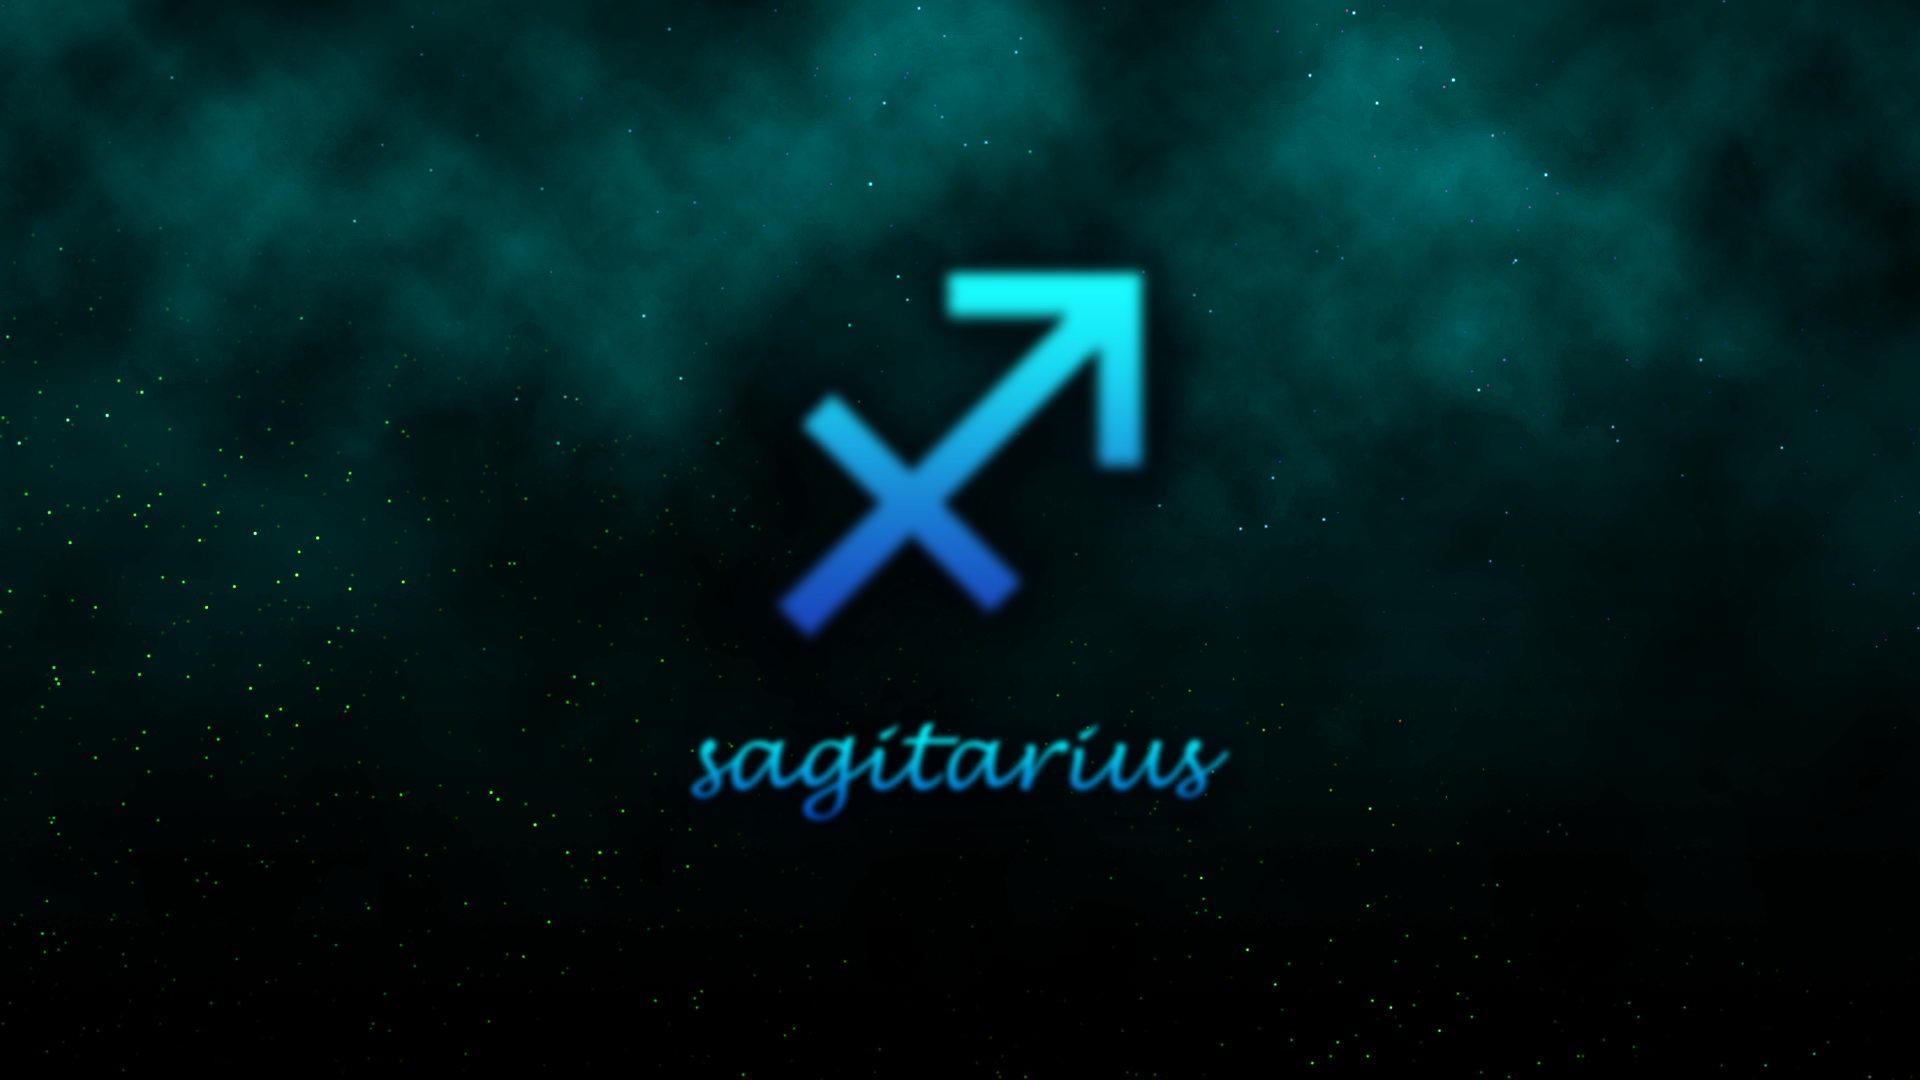 Sagittarius Wallpaper 3d Wallpapersafari